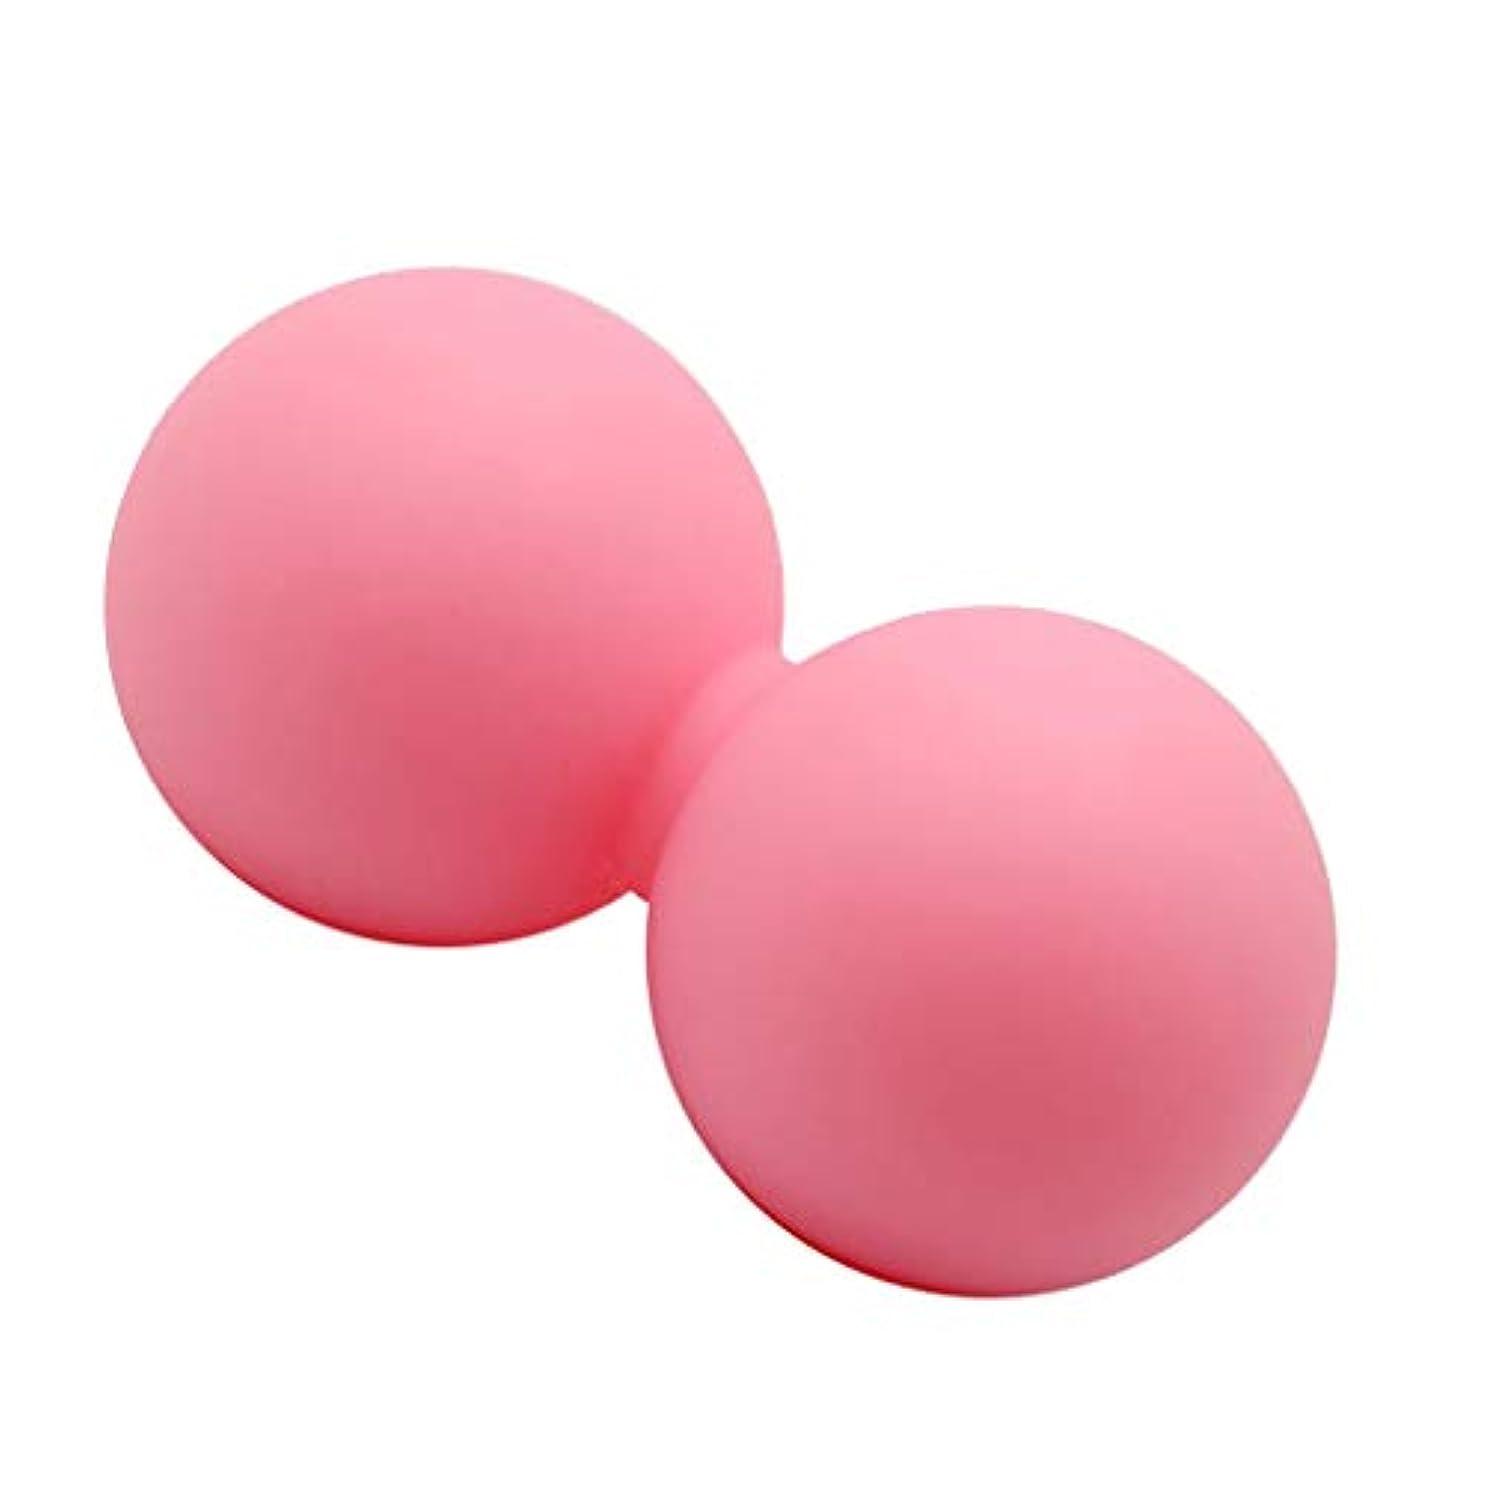 タバコ洋服測るマッサージ ヨガボール ピーナッツ形 痛み緩和 ピンク